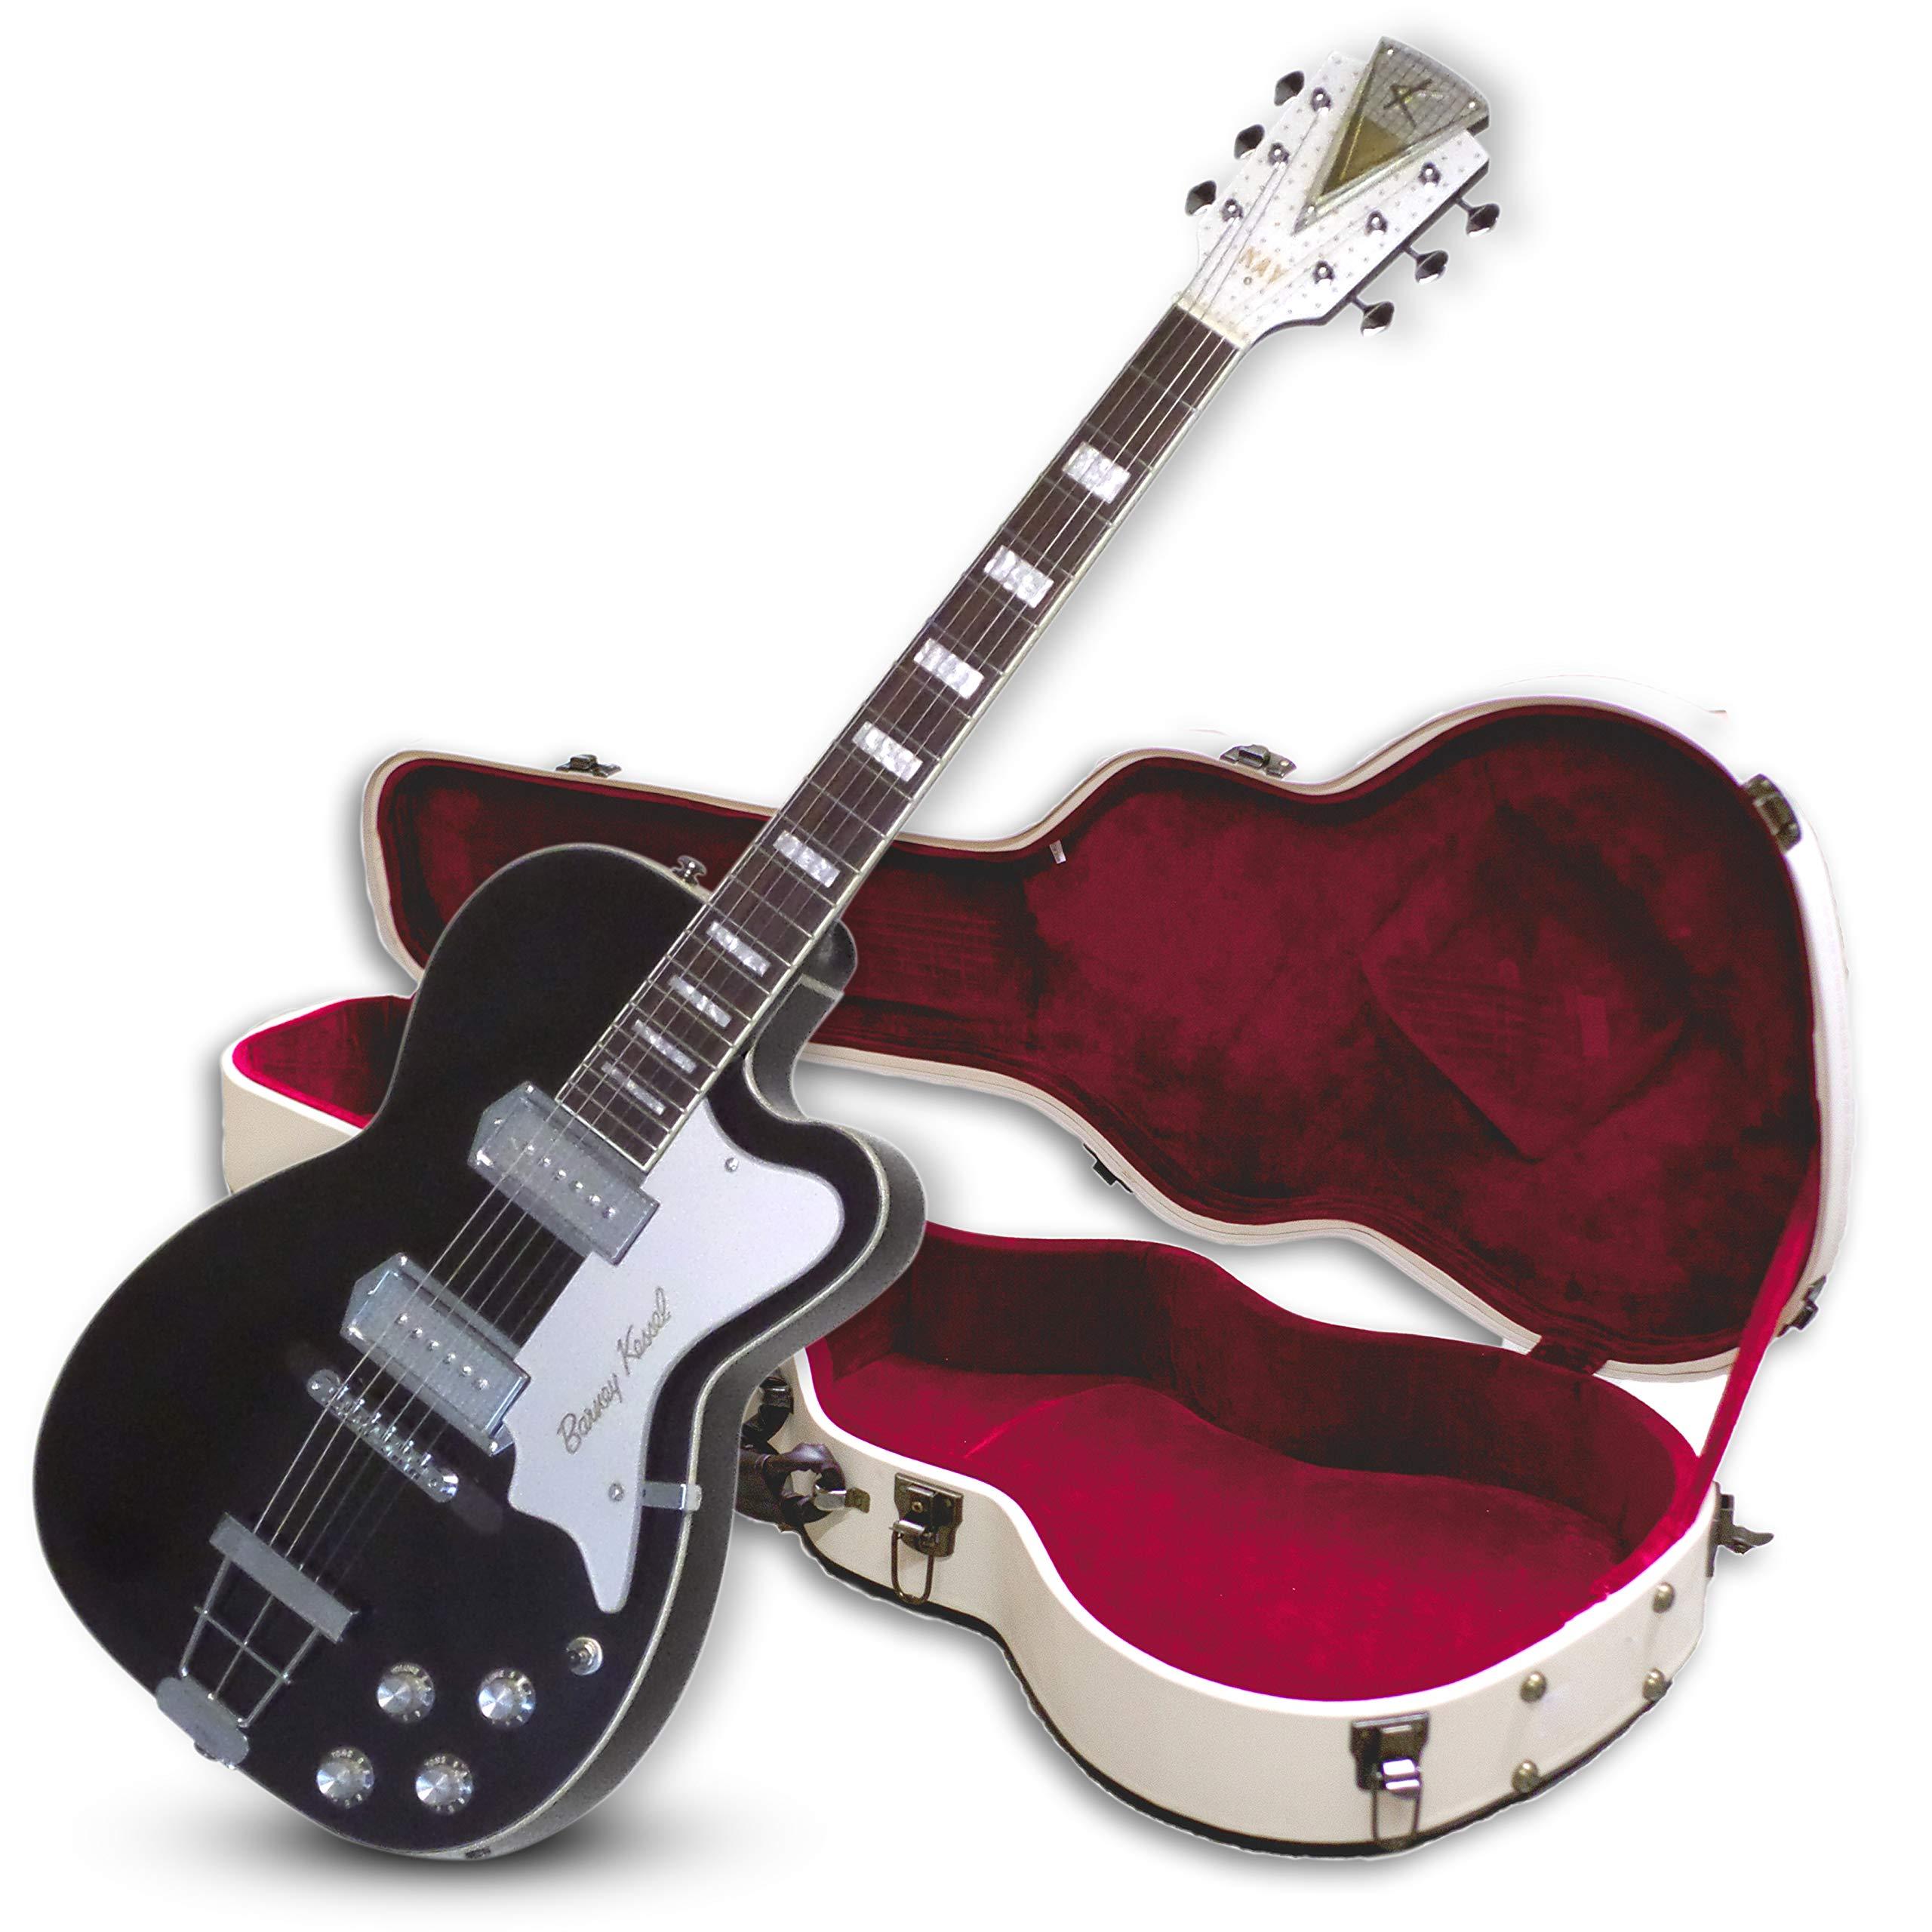 Guitarra eléctrica de cuerpo hueco de 6 cuerdas, derecha (B1 ...